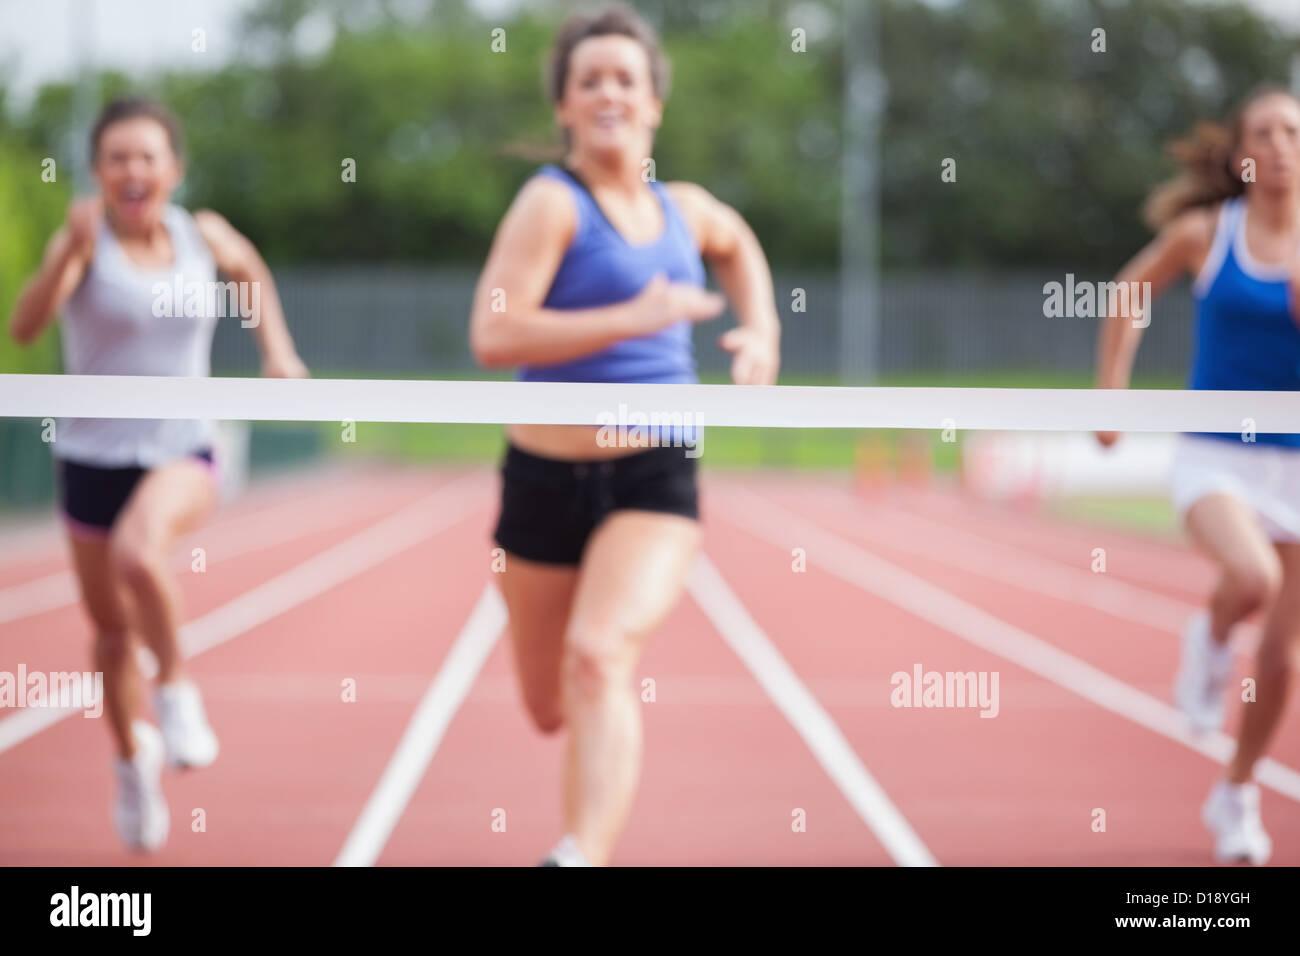 Gli atleti vicino alla linea di finitura Immagini Stock